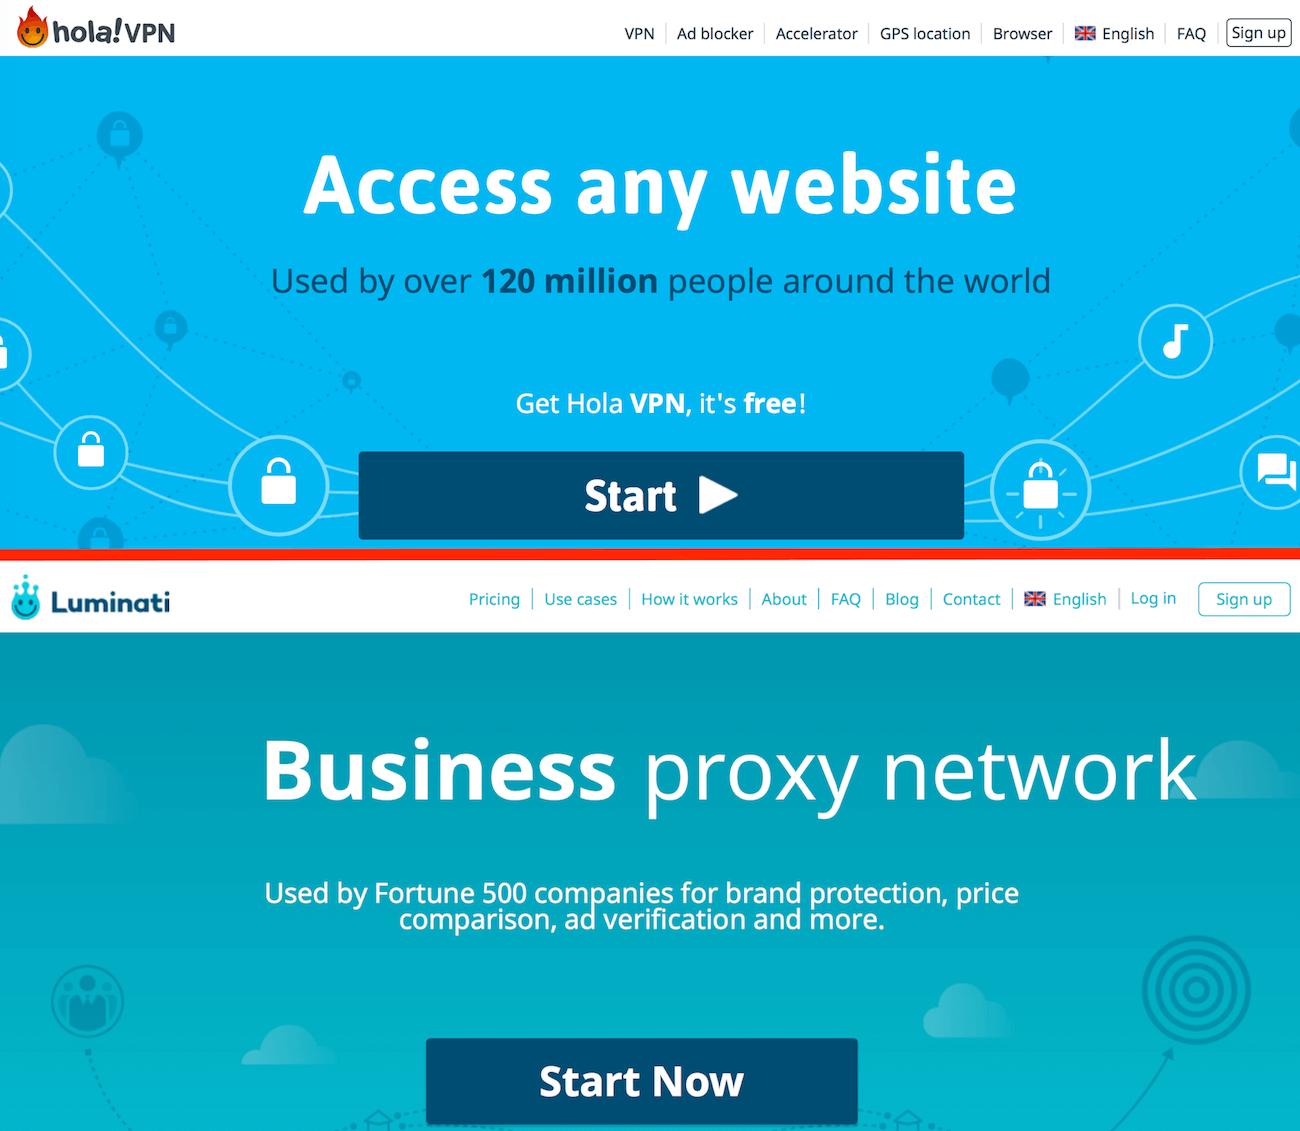 обман бесплатного vpn hola